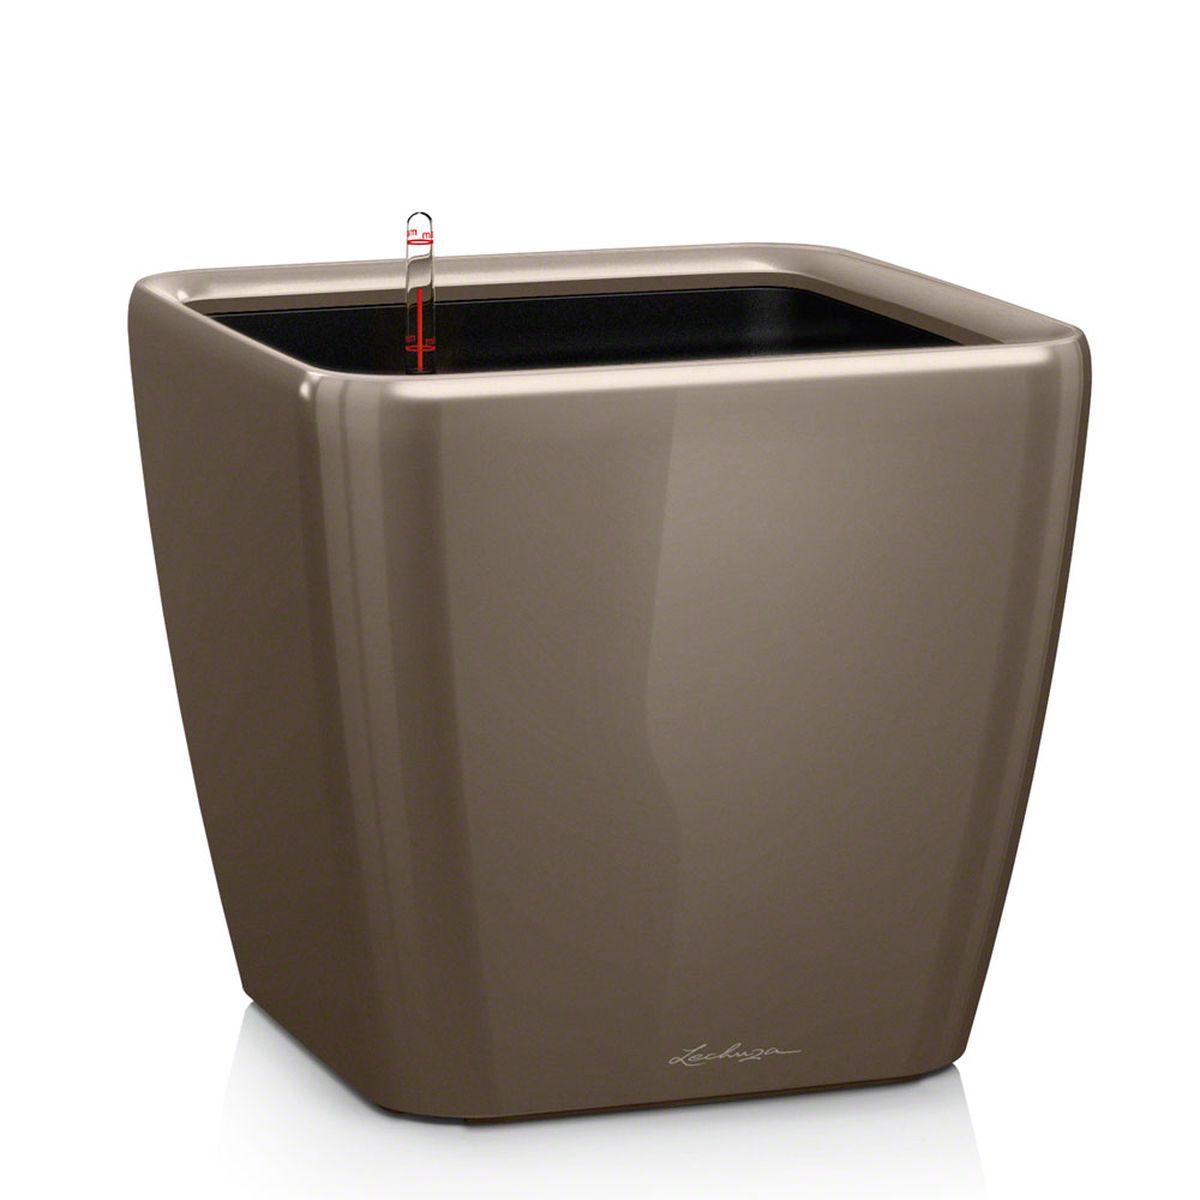 Кашпо Lechuza Quadro, с системой автополива, цвет: серо-коричневый, 43 х 43 х 40 см16180Кашпо Lechuza Quadro, выполненное из высококачественного пластика, имеет уникальную систему автополива, благодаря которой корневая система растения непрерывно снабжается влагой из резервуара. Уровень воды в резервуаре контролируется с помощью специального индикатора. В зависимости от размера кашпо и растения воды хватает на 2-12 недель. Это способствует хорошему росту цветов и предотвращает переувлажнение.В набор входит: кашпо, внутренний горшок, индикатор уровня воды, вал подачи воды, субстрат растений в качестве дренажного слоя, резервуар для воды. Кашпо Lechuza Quadro прекрасно впишется в любой интерьер. Оно поможет расставить нужные акценты, а также придаст помещению вид, соответствующий вашим представлениям.